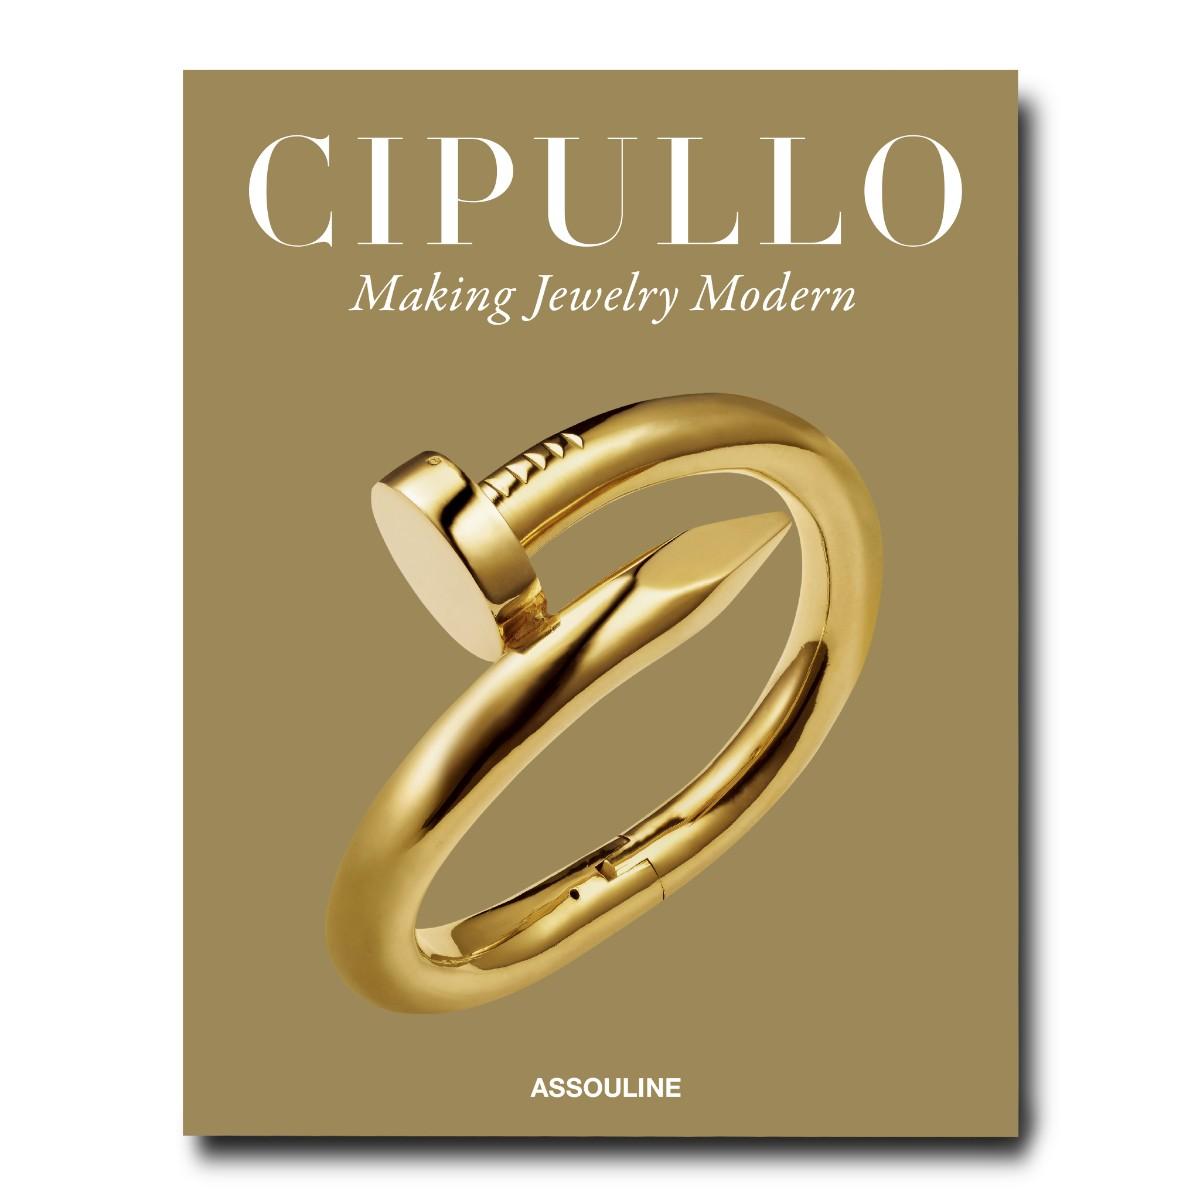 Assouline | Cipullo: Making Jewelry Modern